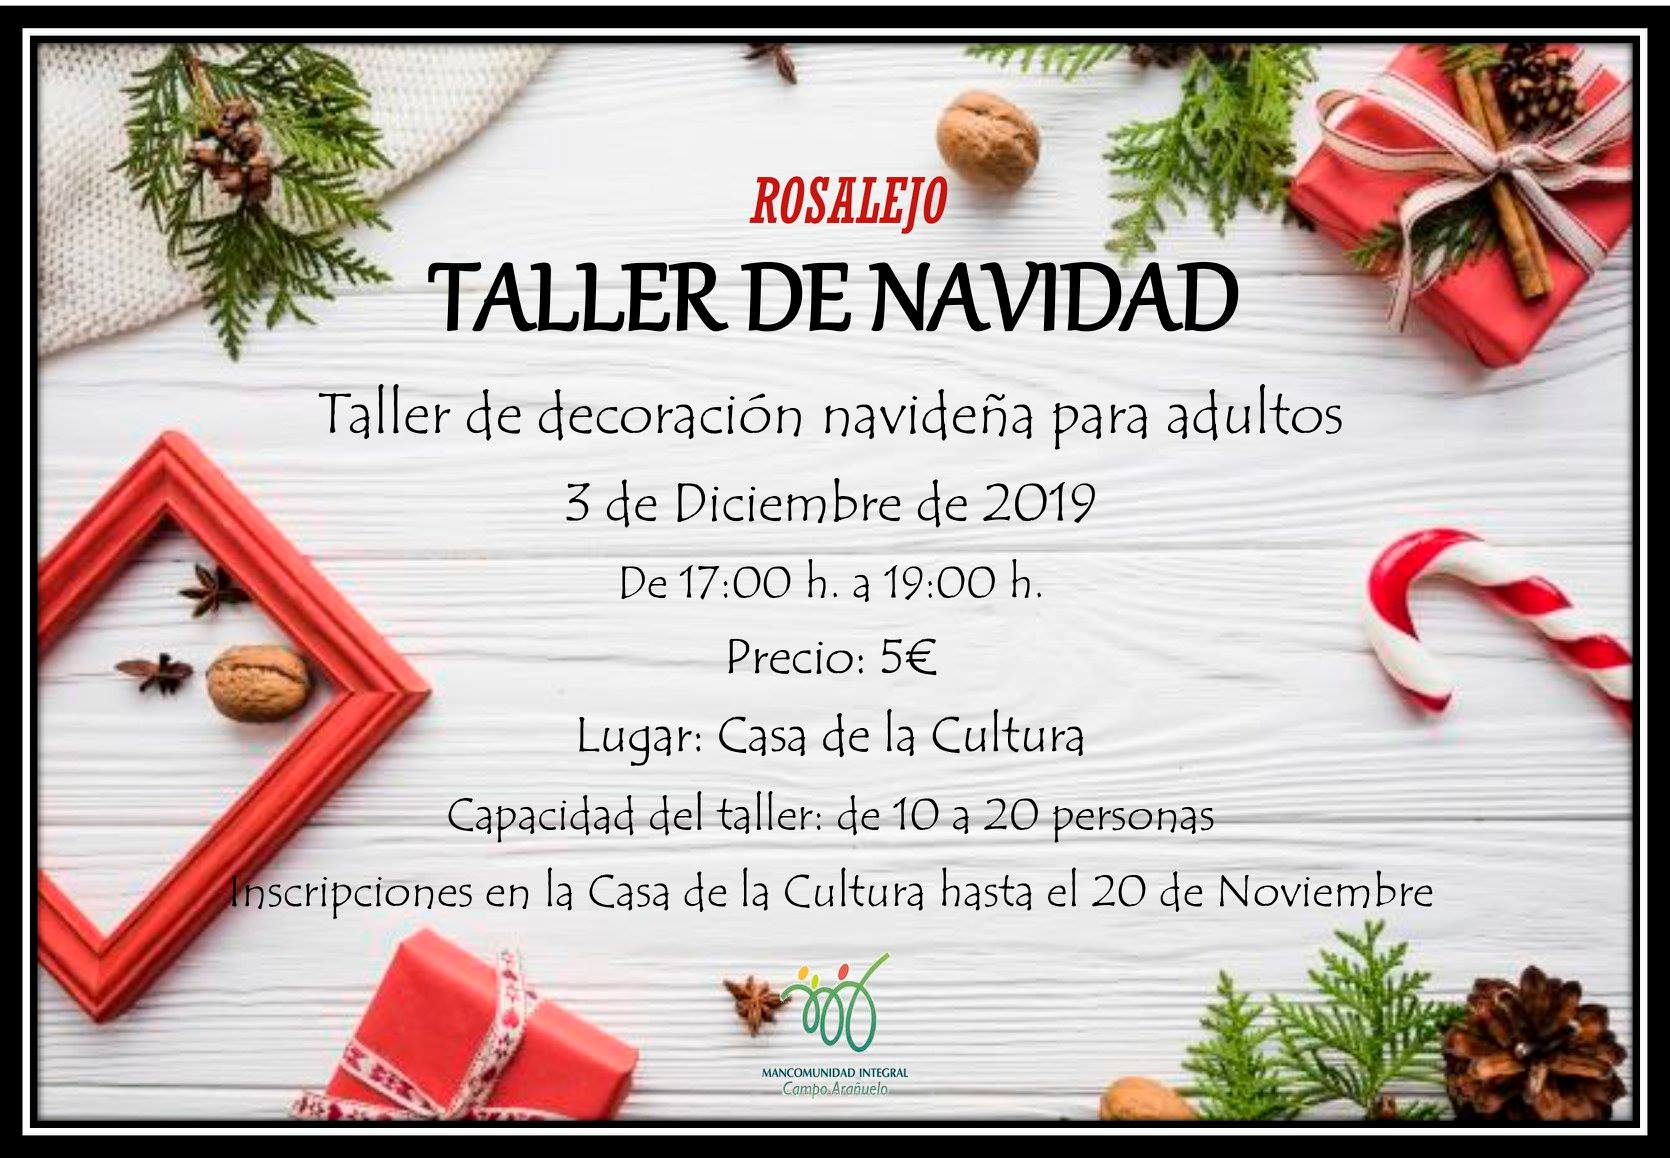 Taller de decoración navideña para adultos 2019 - Rosalejo (Cáceres)